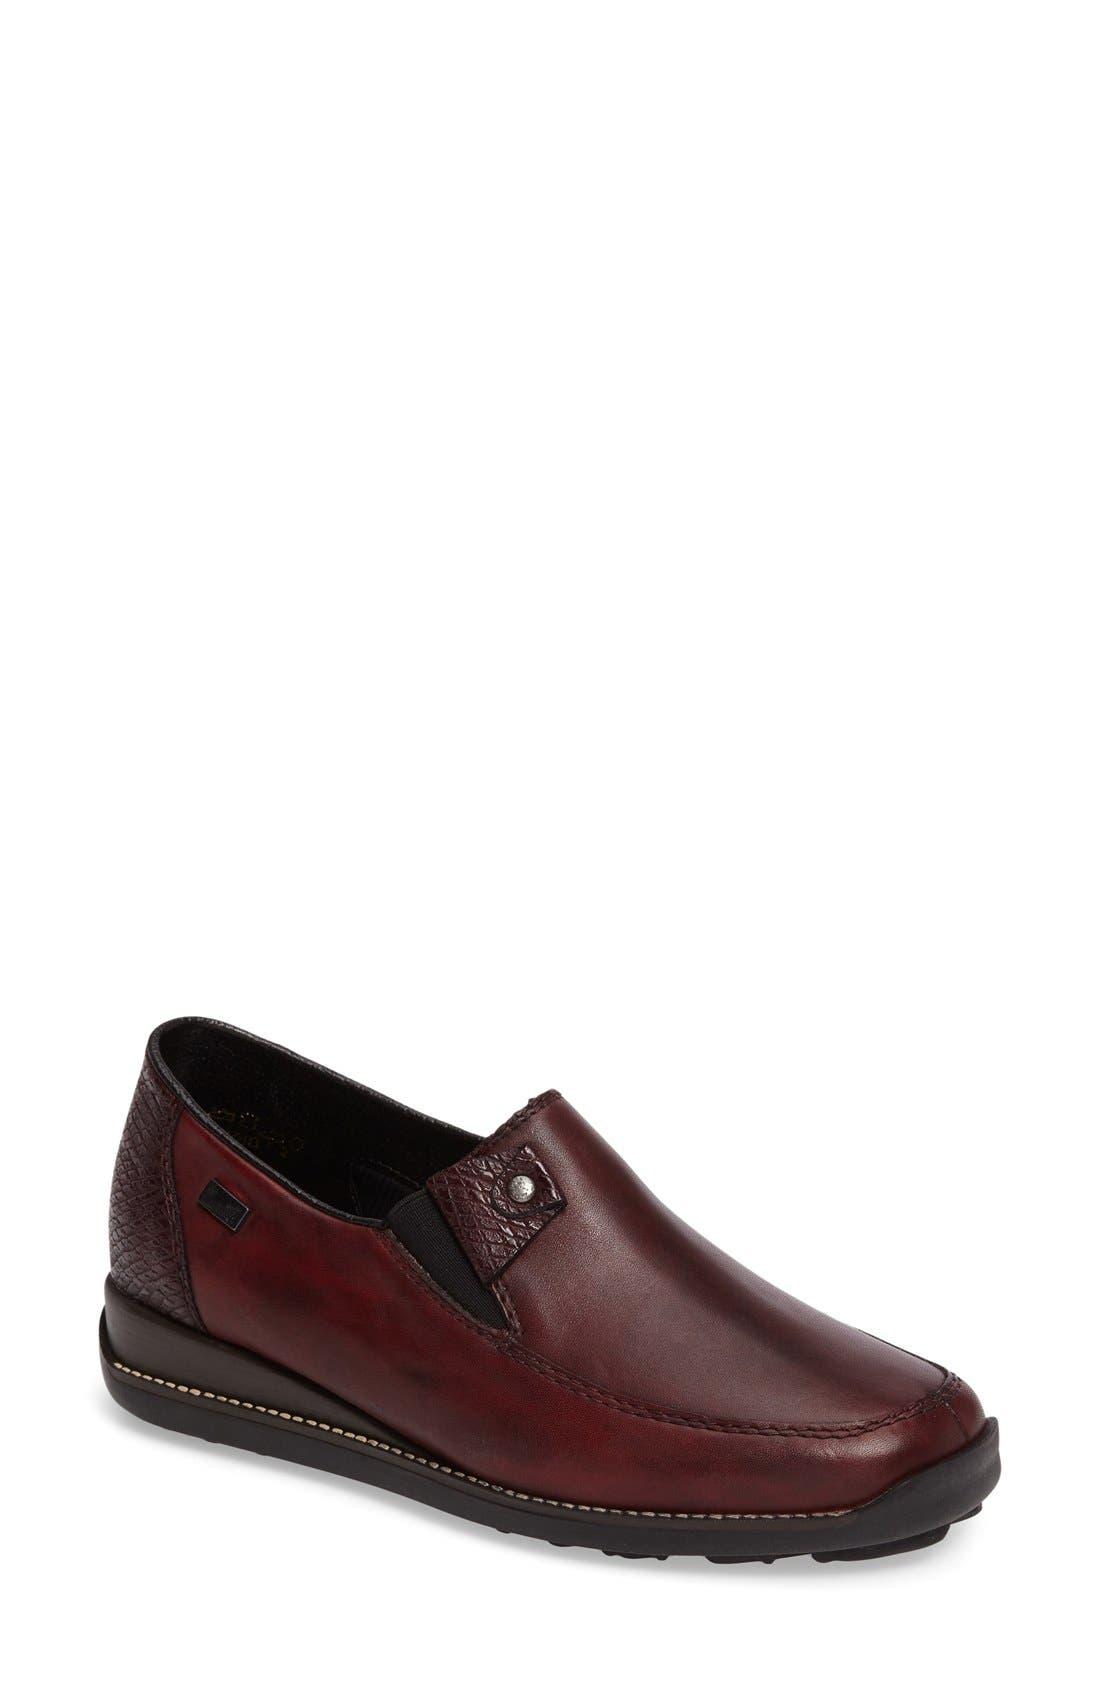 'Daphne' Wedge,                             Main thumbnail 1, color,                             Bordeaux Leather